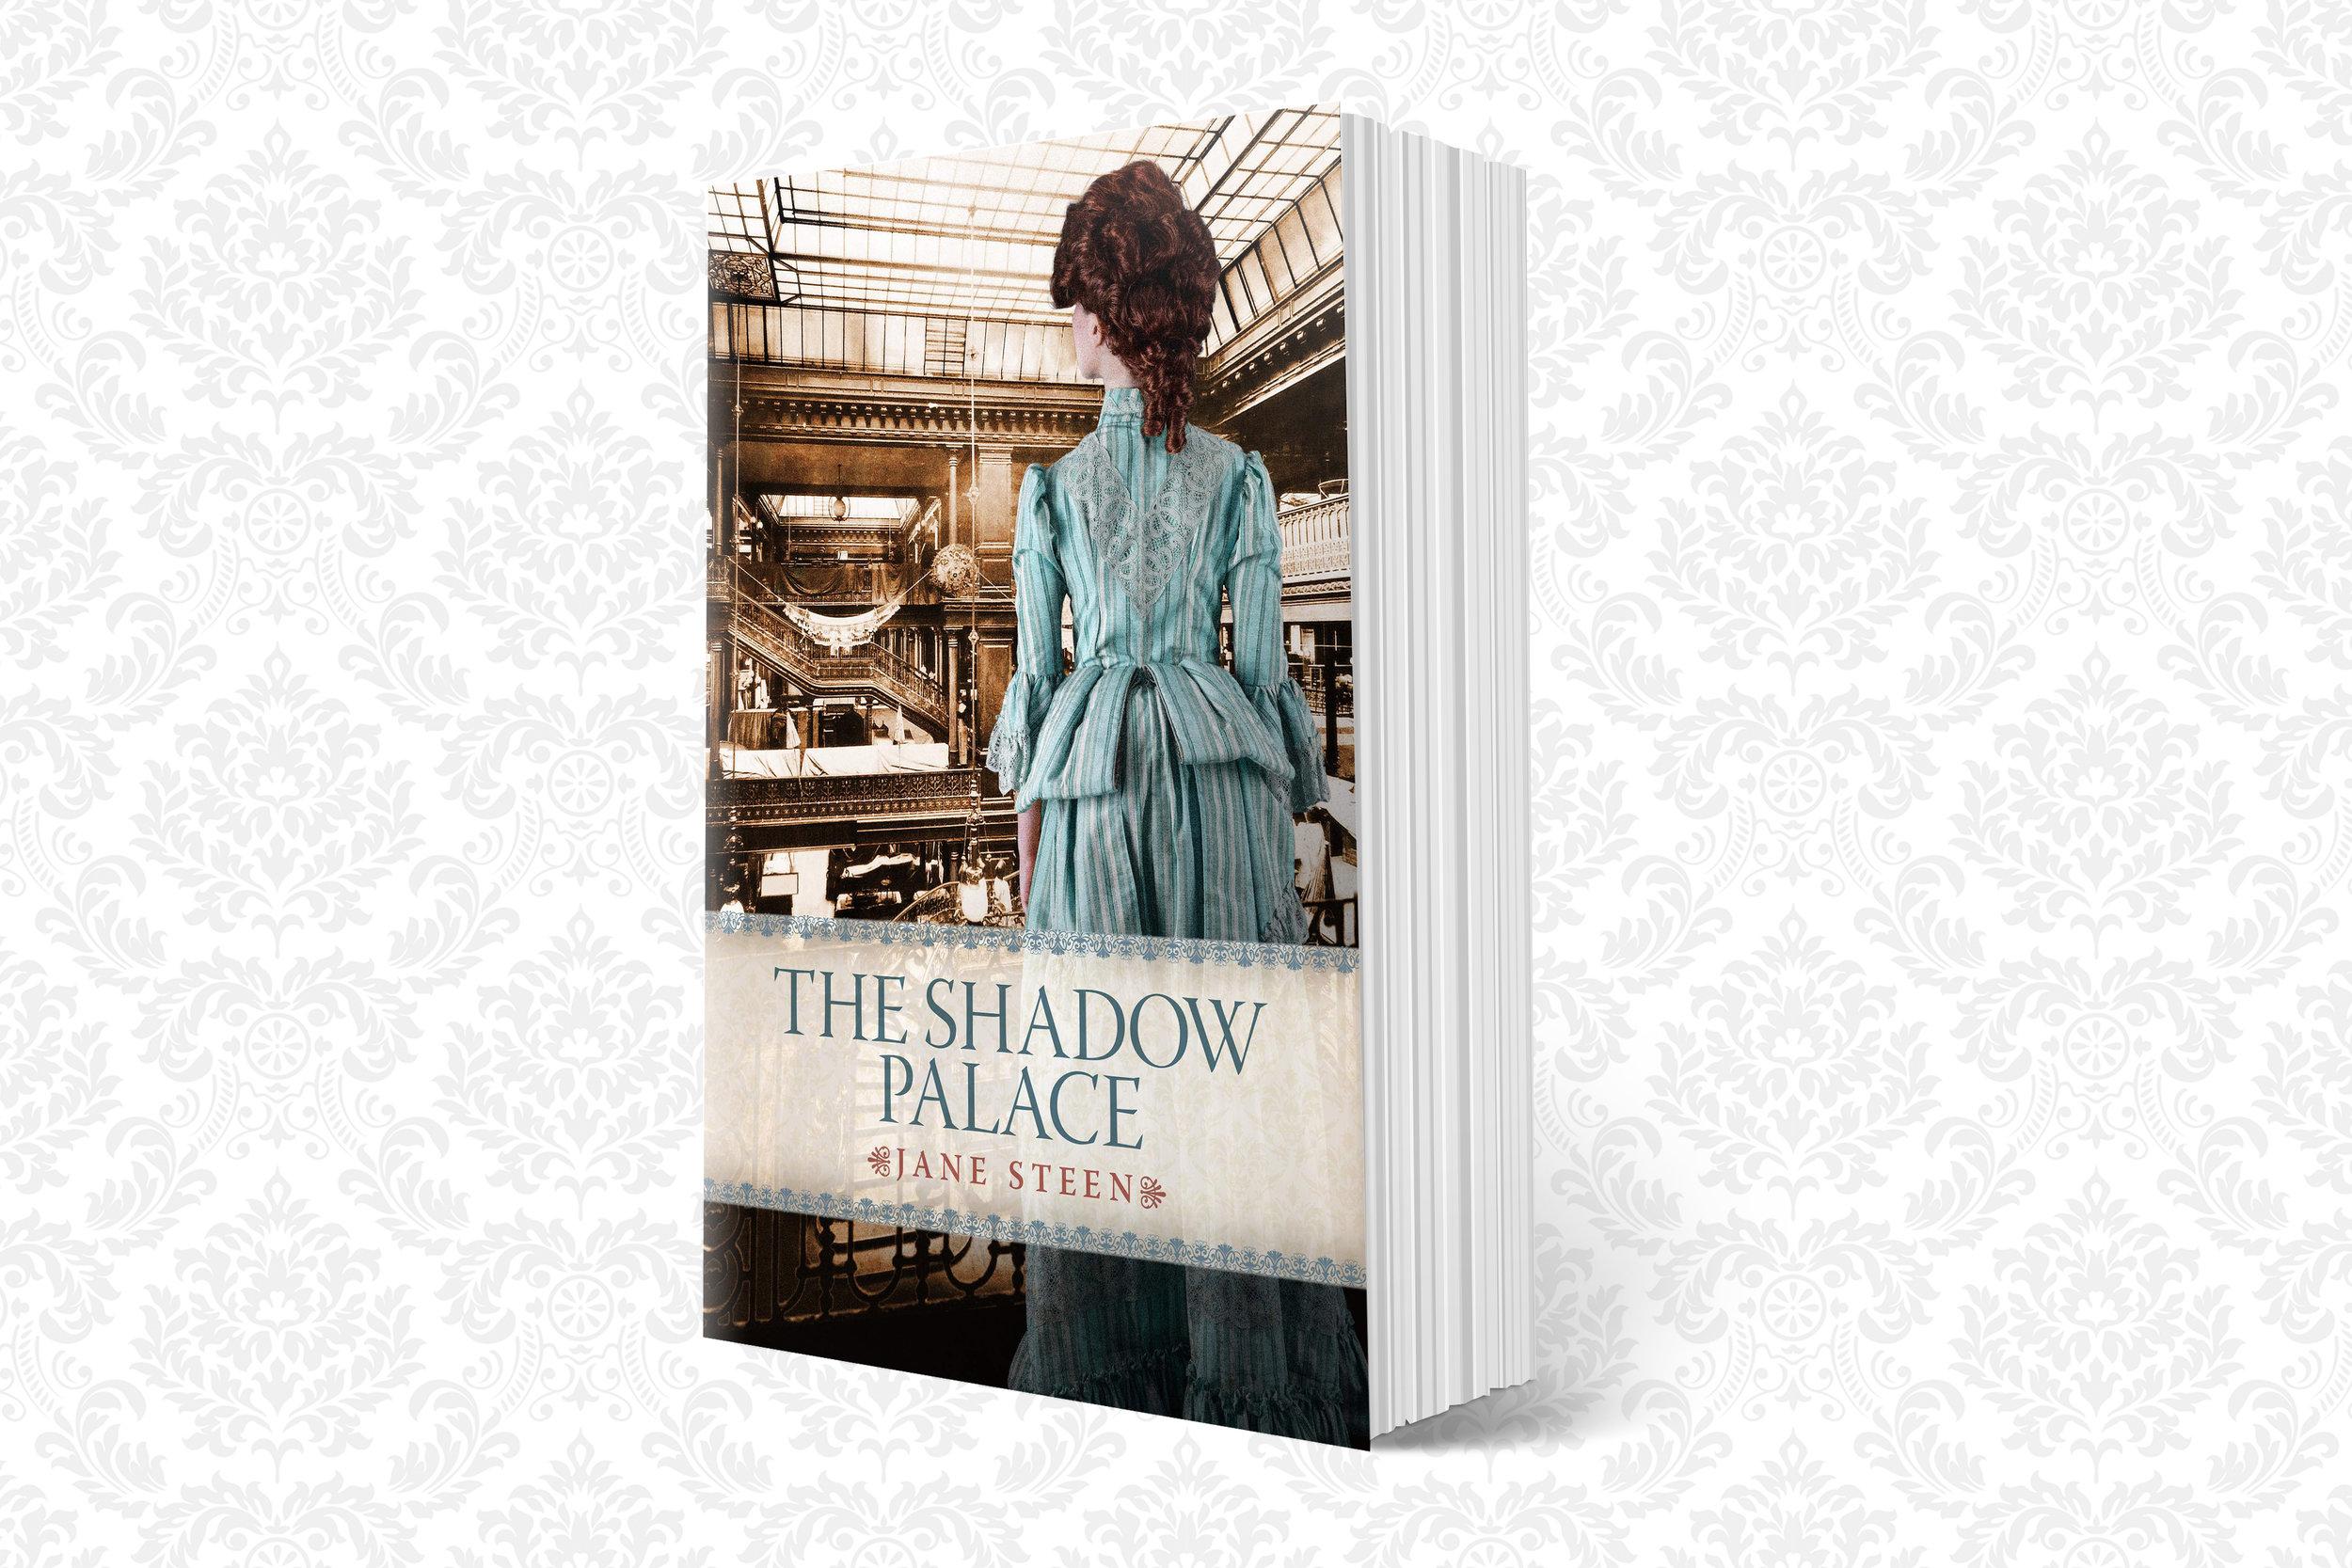 The Shadow Palace 3D CVR.jpg